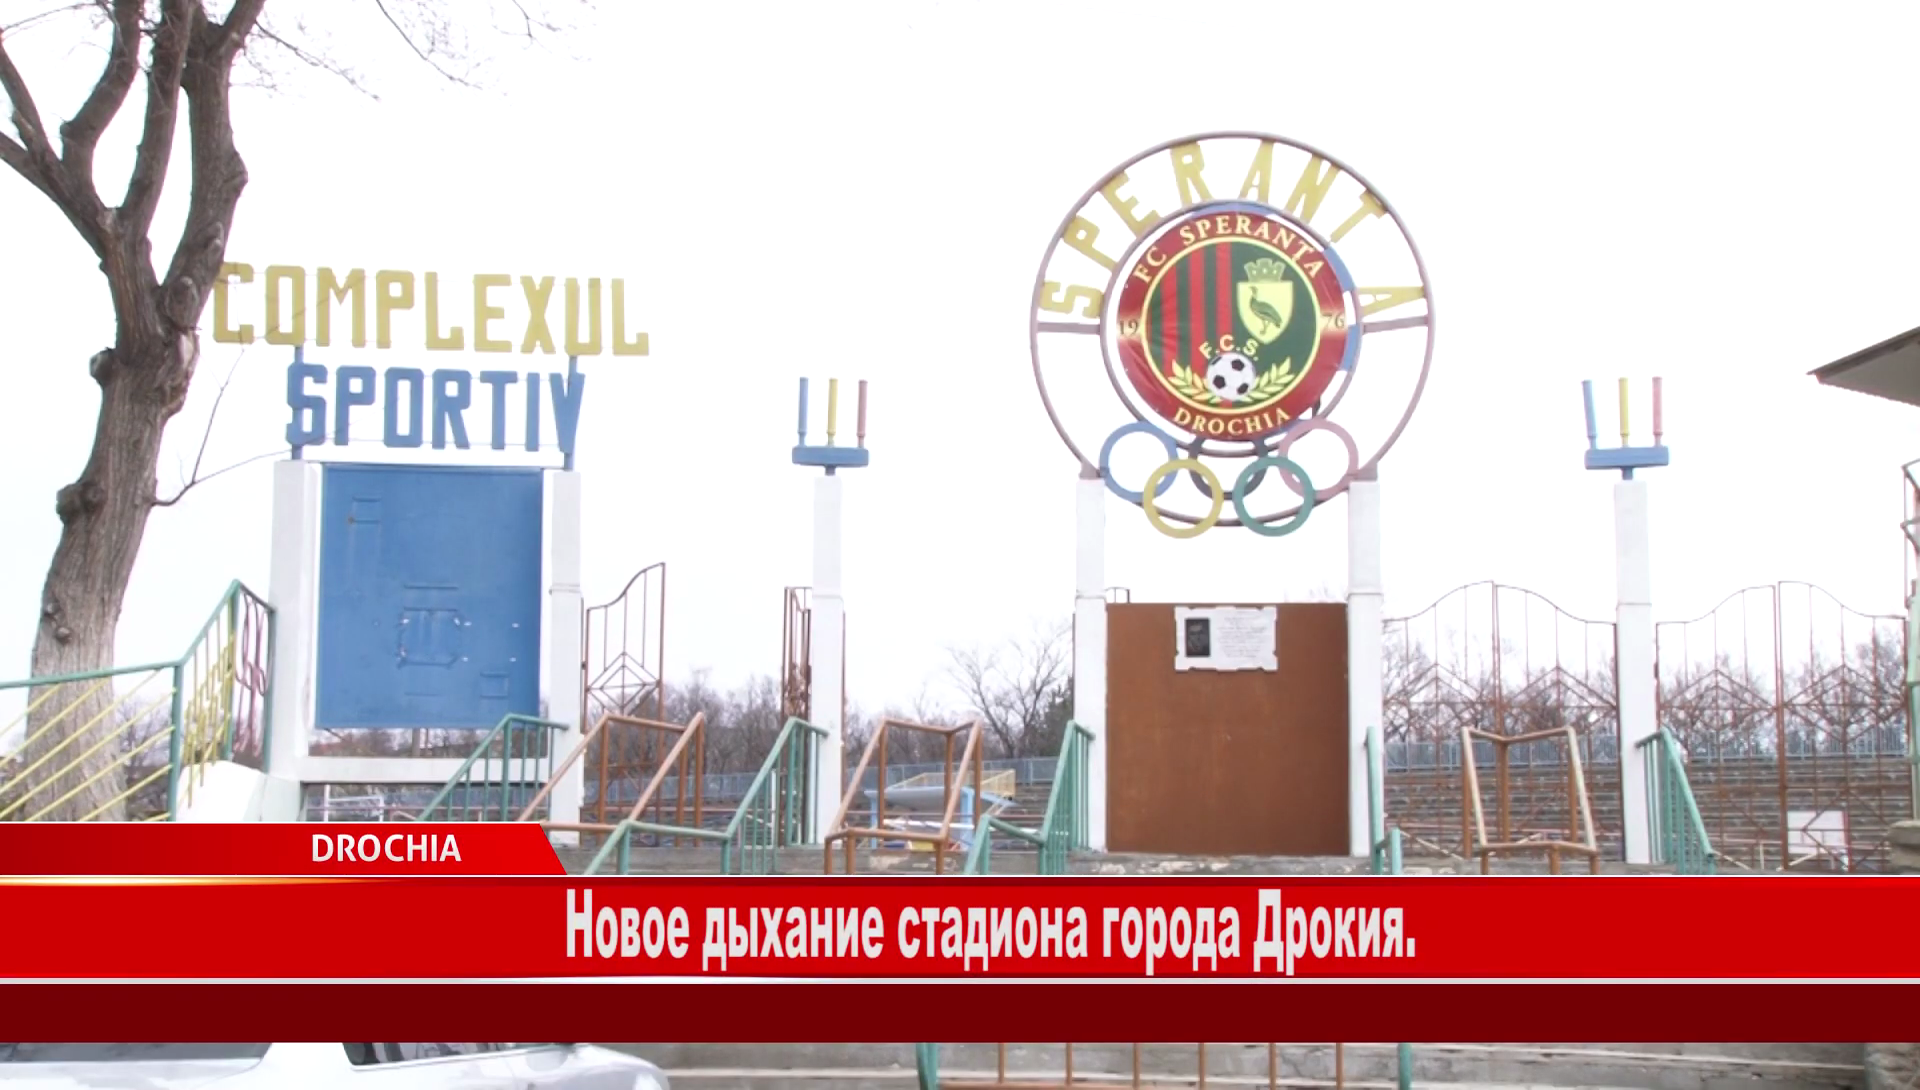 Новое дыхание cтадиона города Дрокия